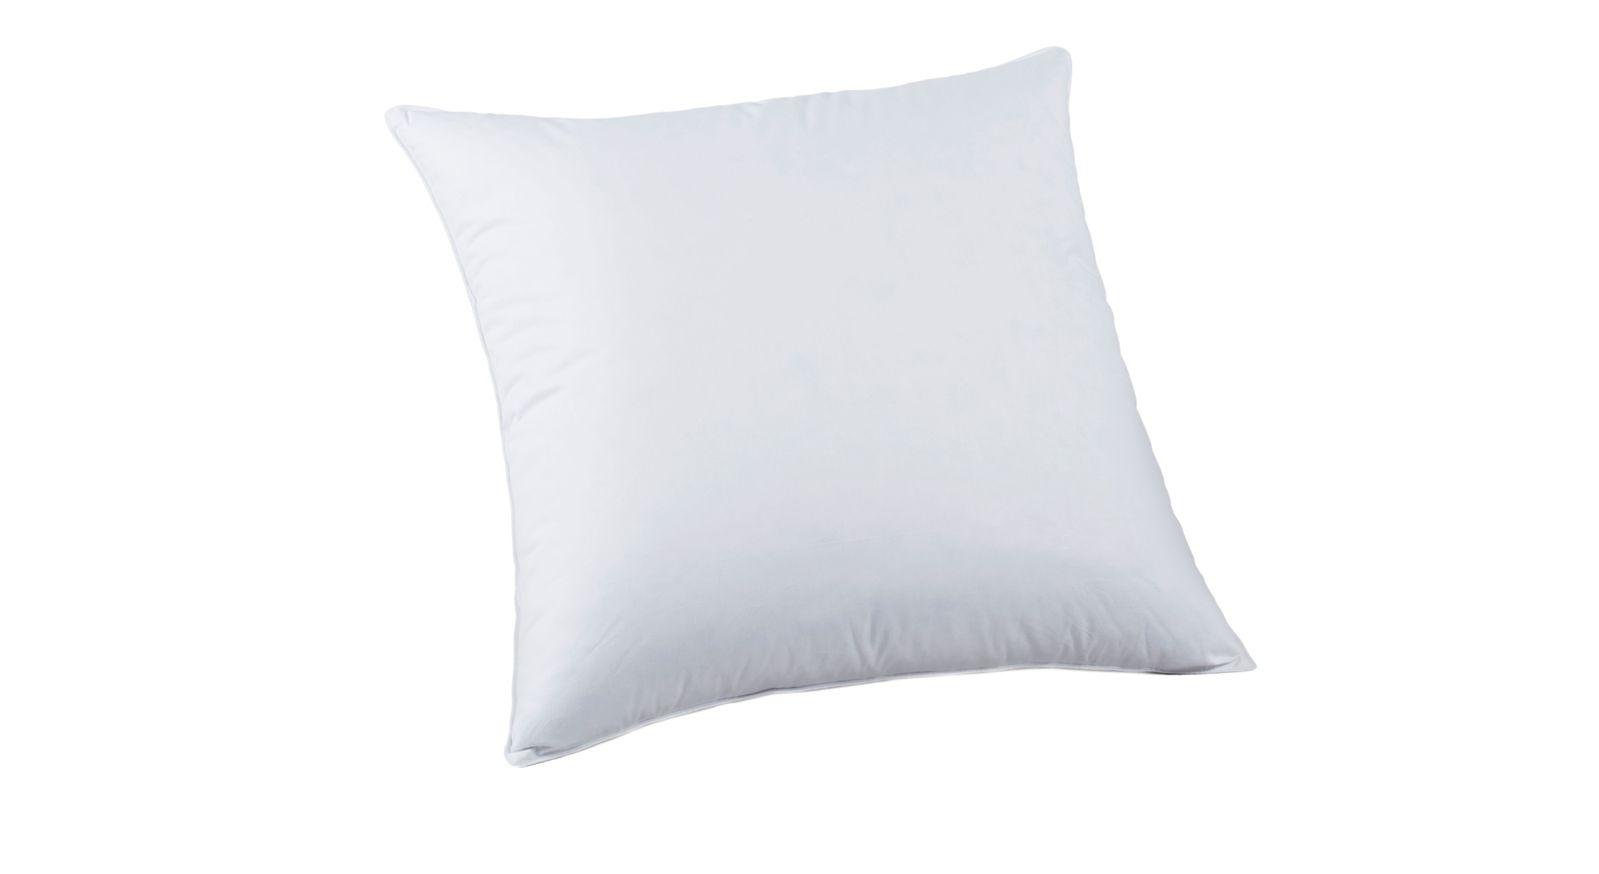 Weißes Daunen-Kissen Pyrenex Duo mit Baumwollbezug